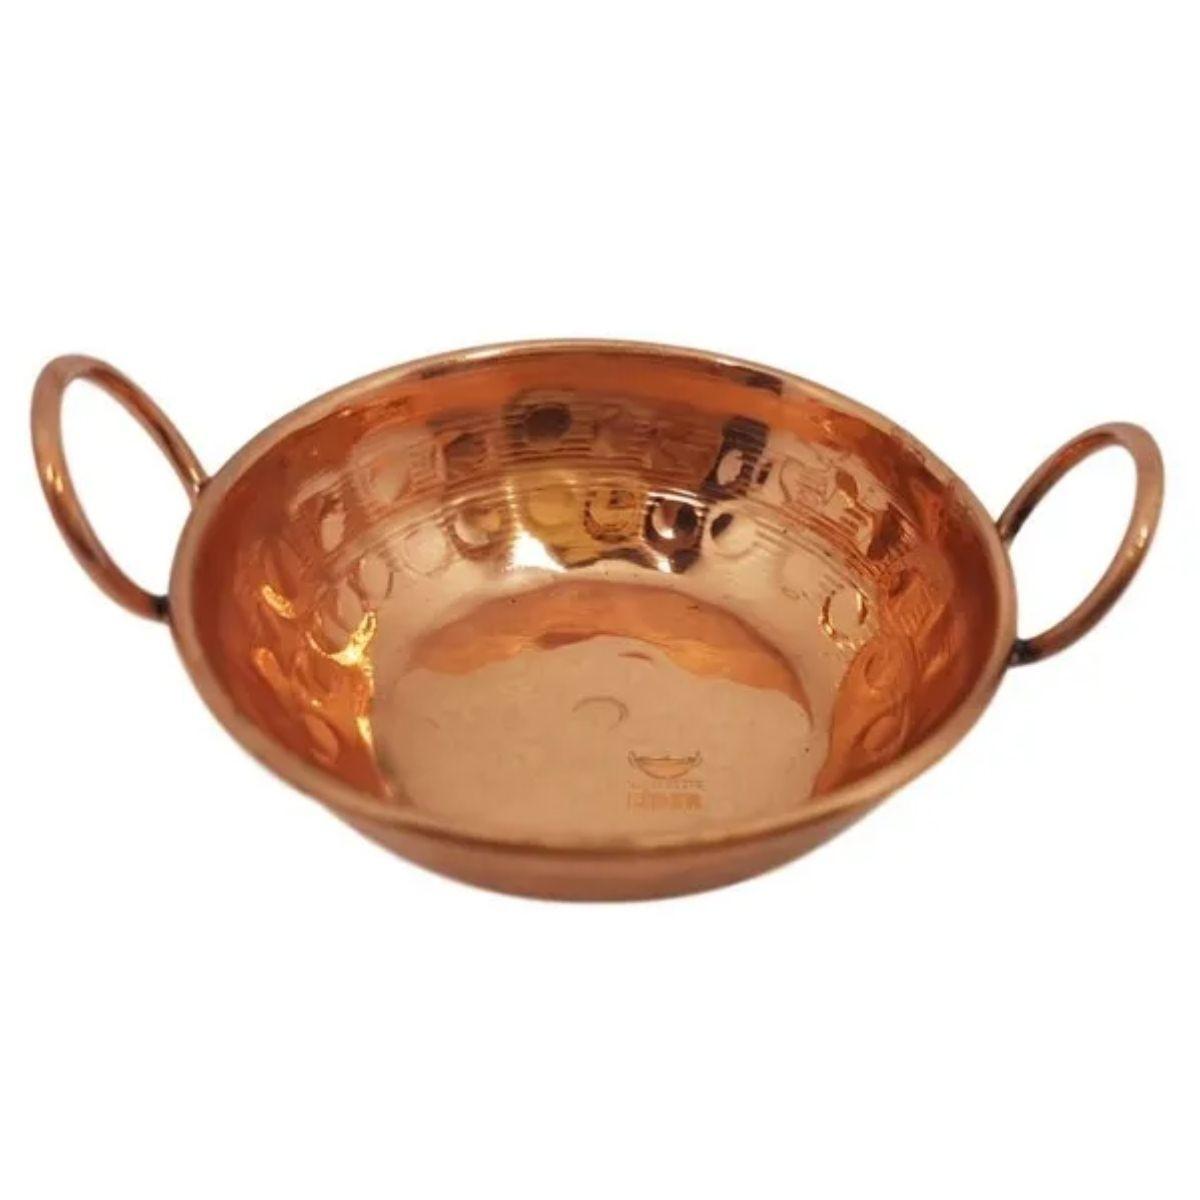 Tachinho em cobre 9 cm miniatura (Alças de Cobre)